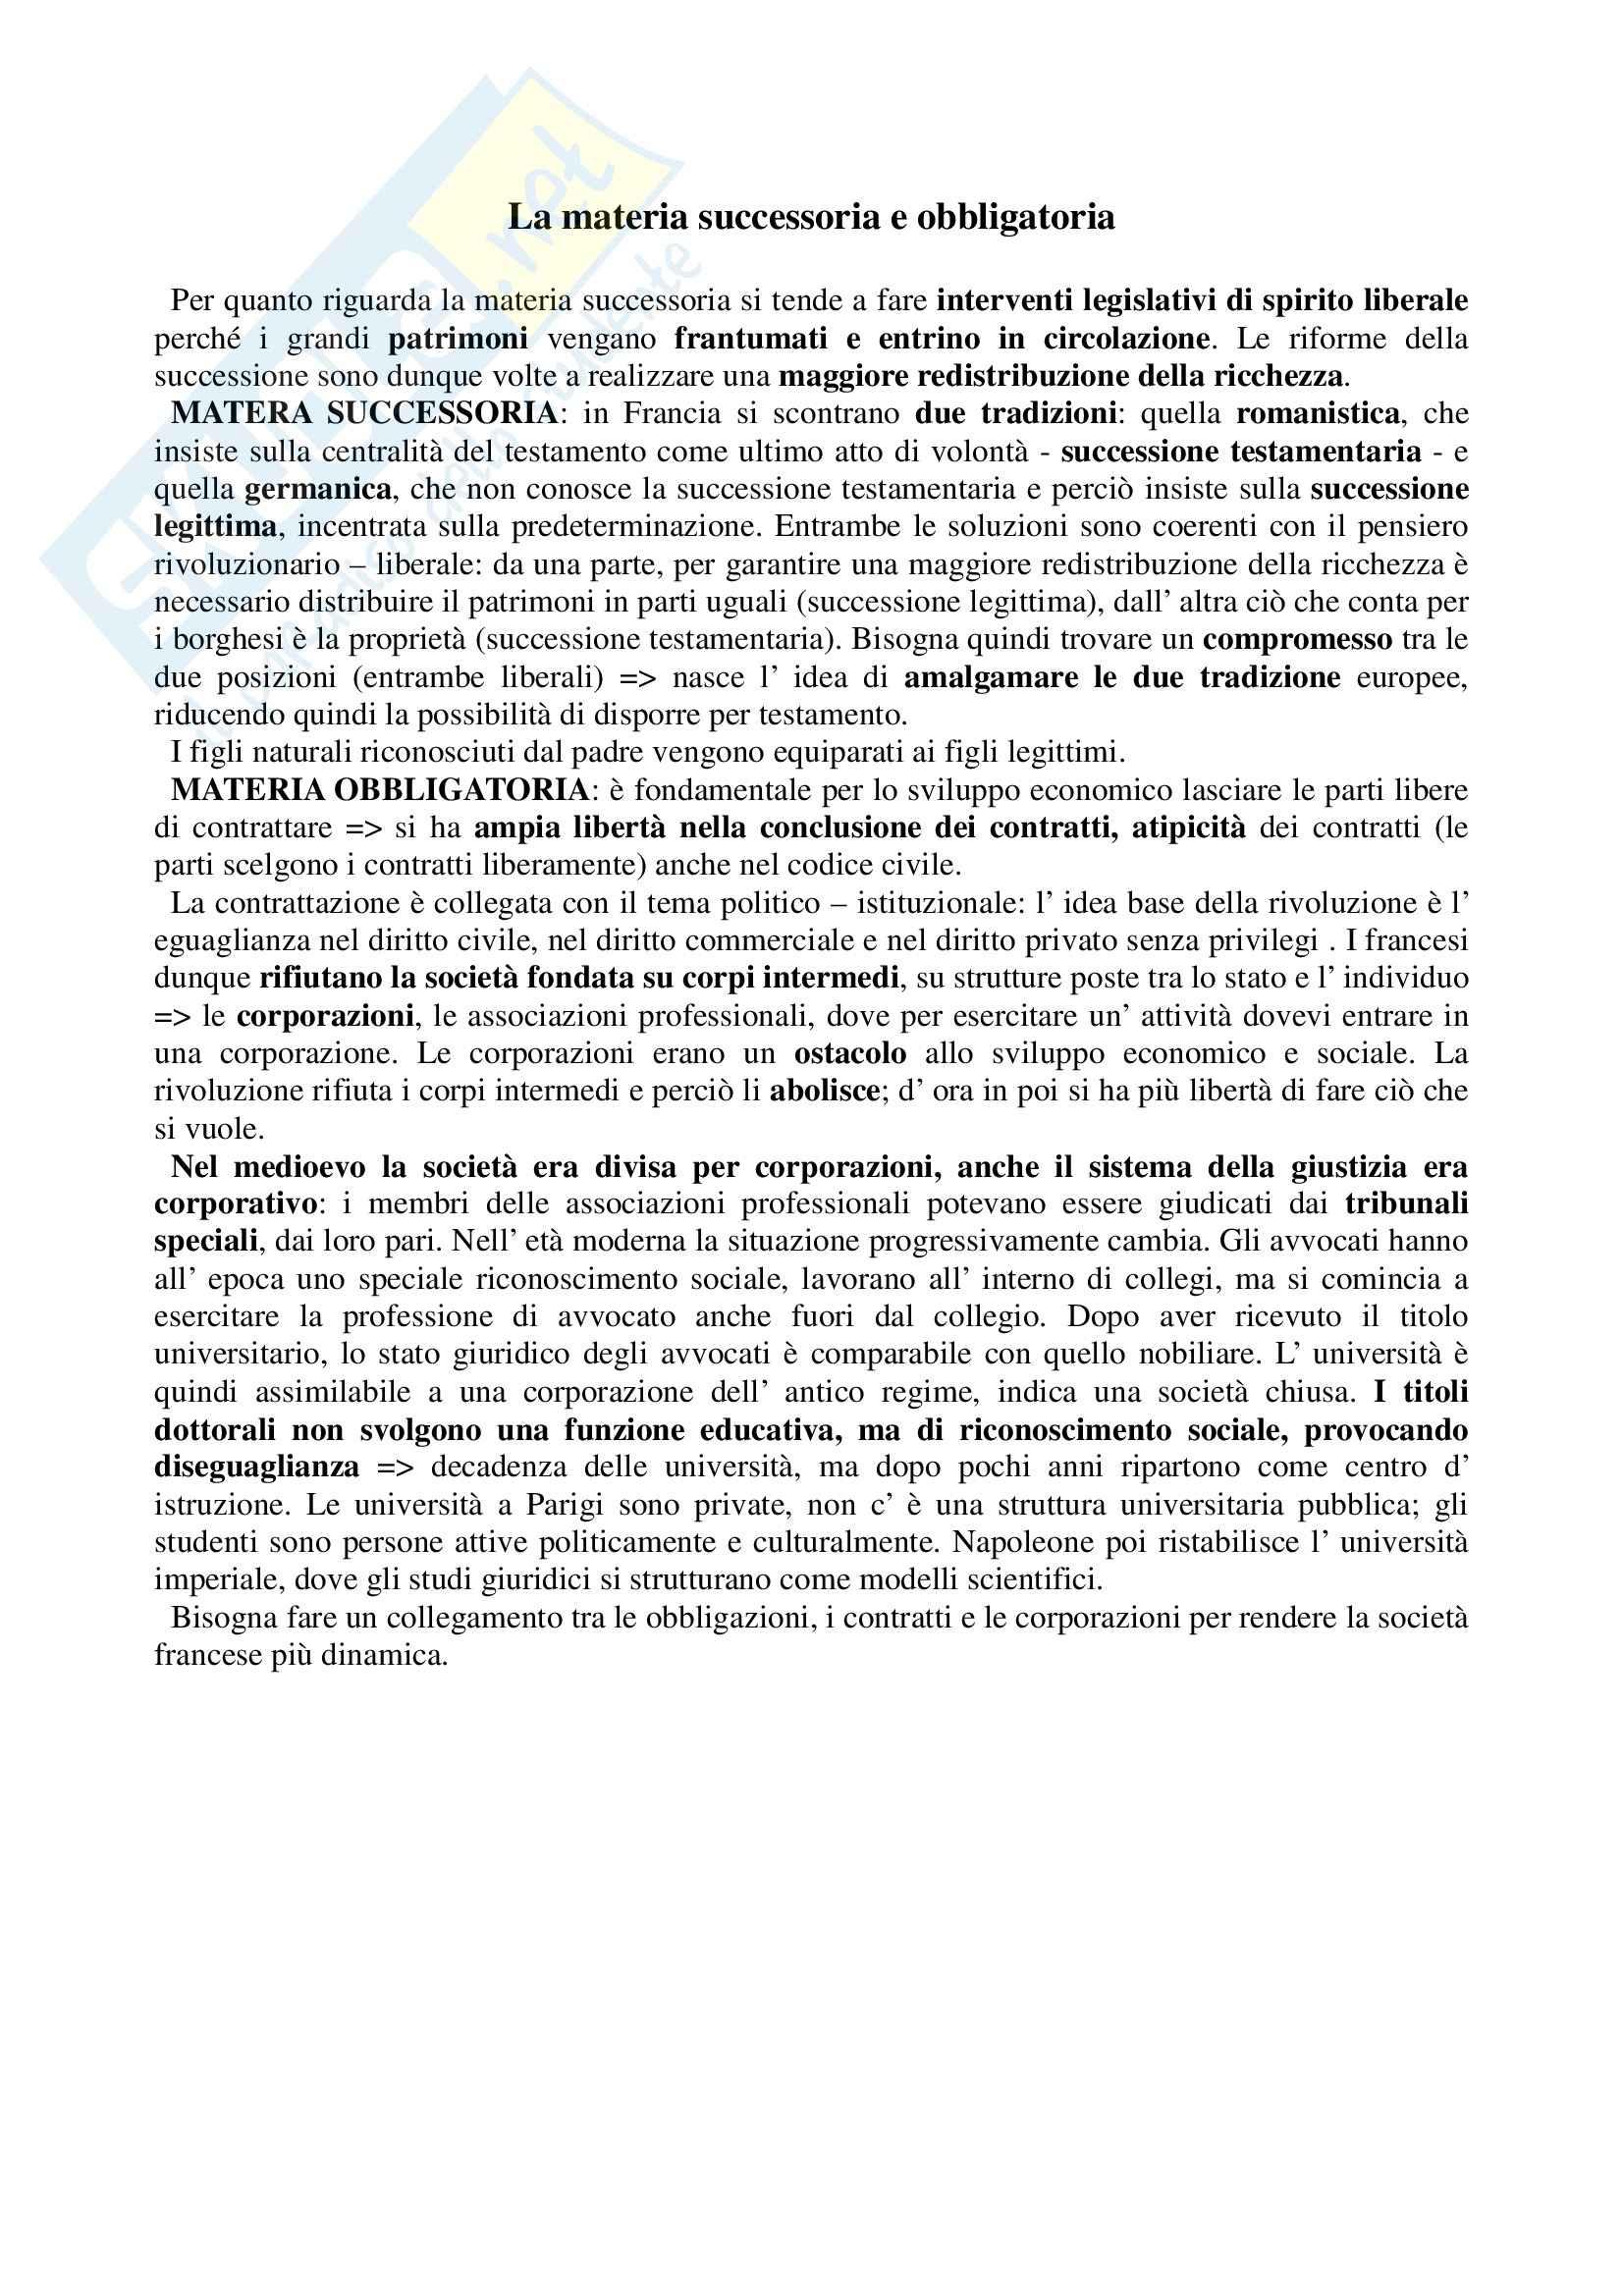 Storia del diritto medievale e moderno - Appunti Pag. 11